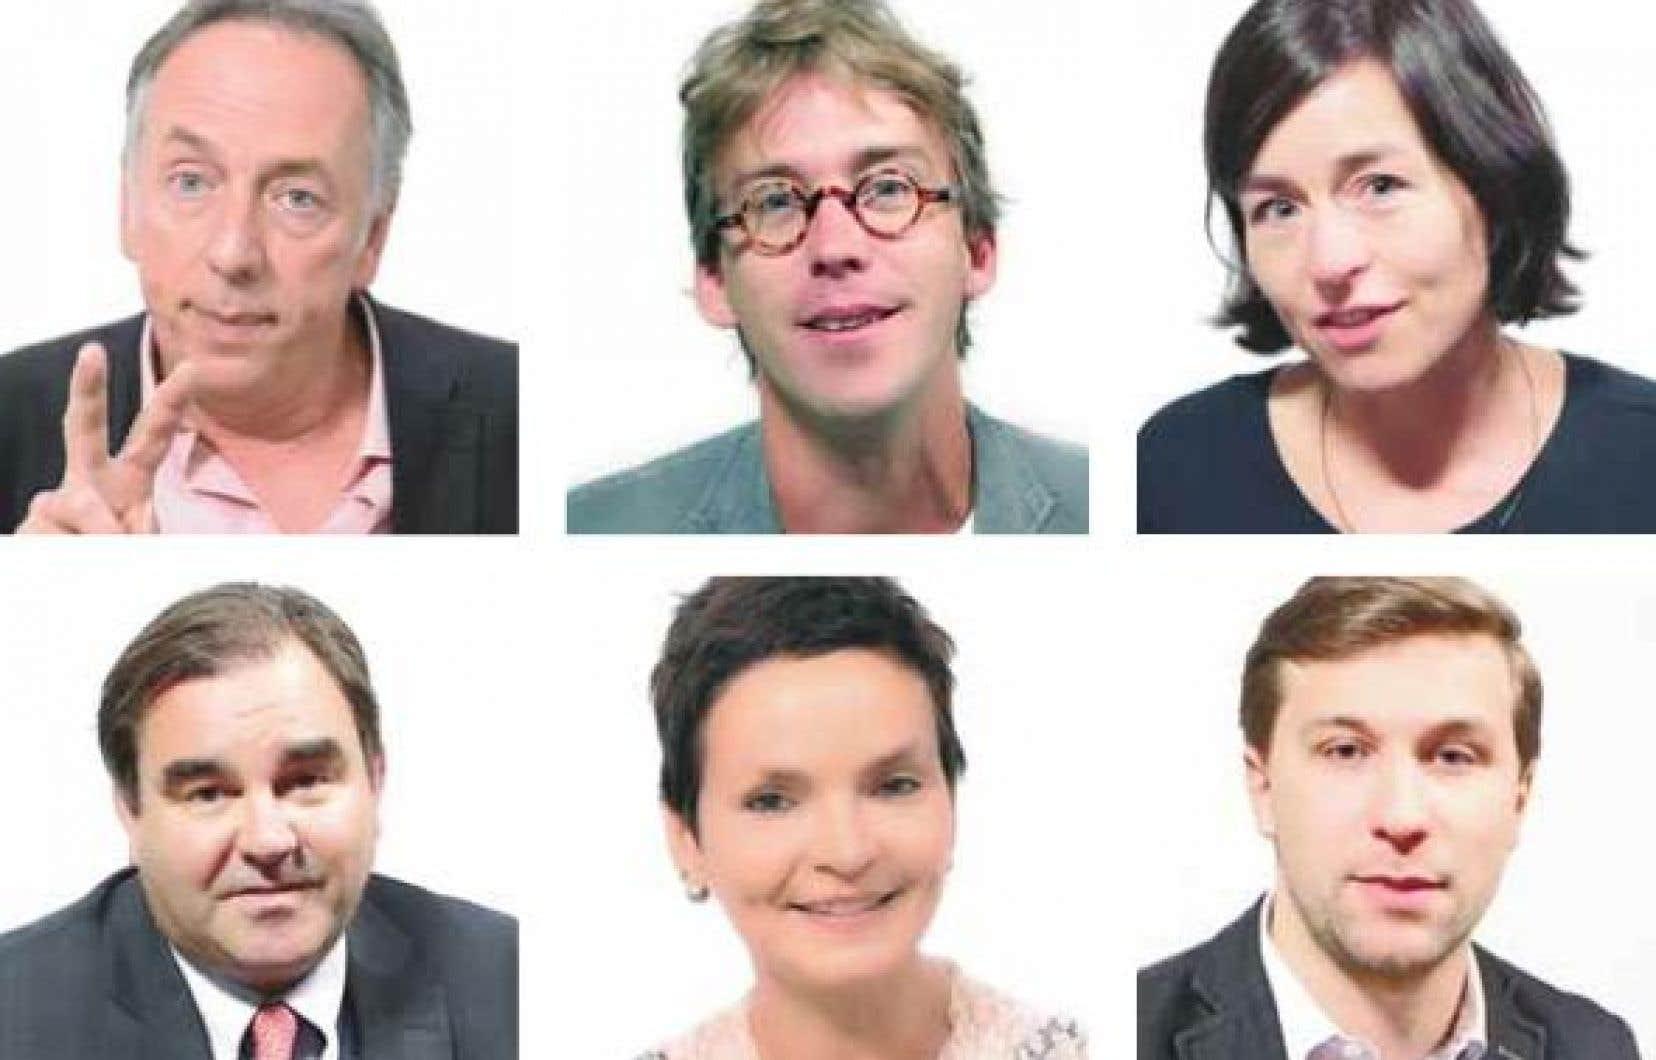 Benoît Dutrizac, Fred Pellerin, Laure Waridel, Andrew Molson, Anaïs Barbeau-Lavalette et Gabriel Nadeau-Dubois, entre autres, participent à la campagne.